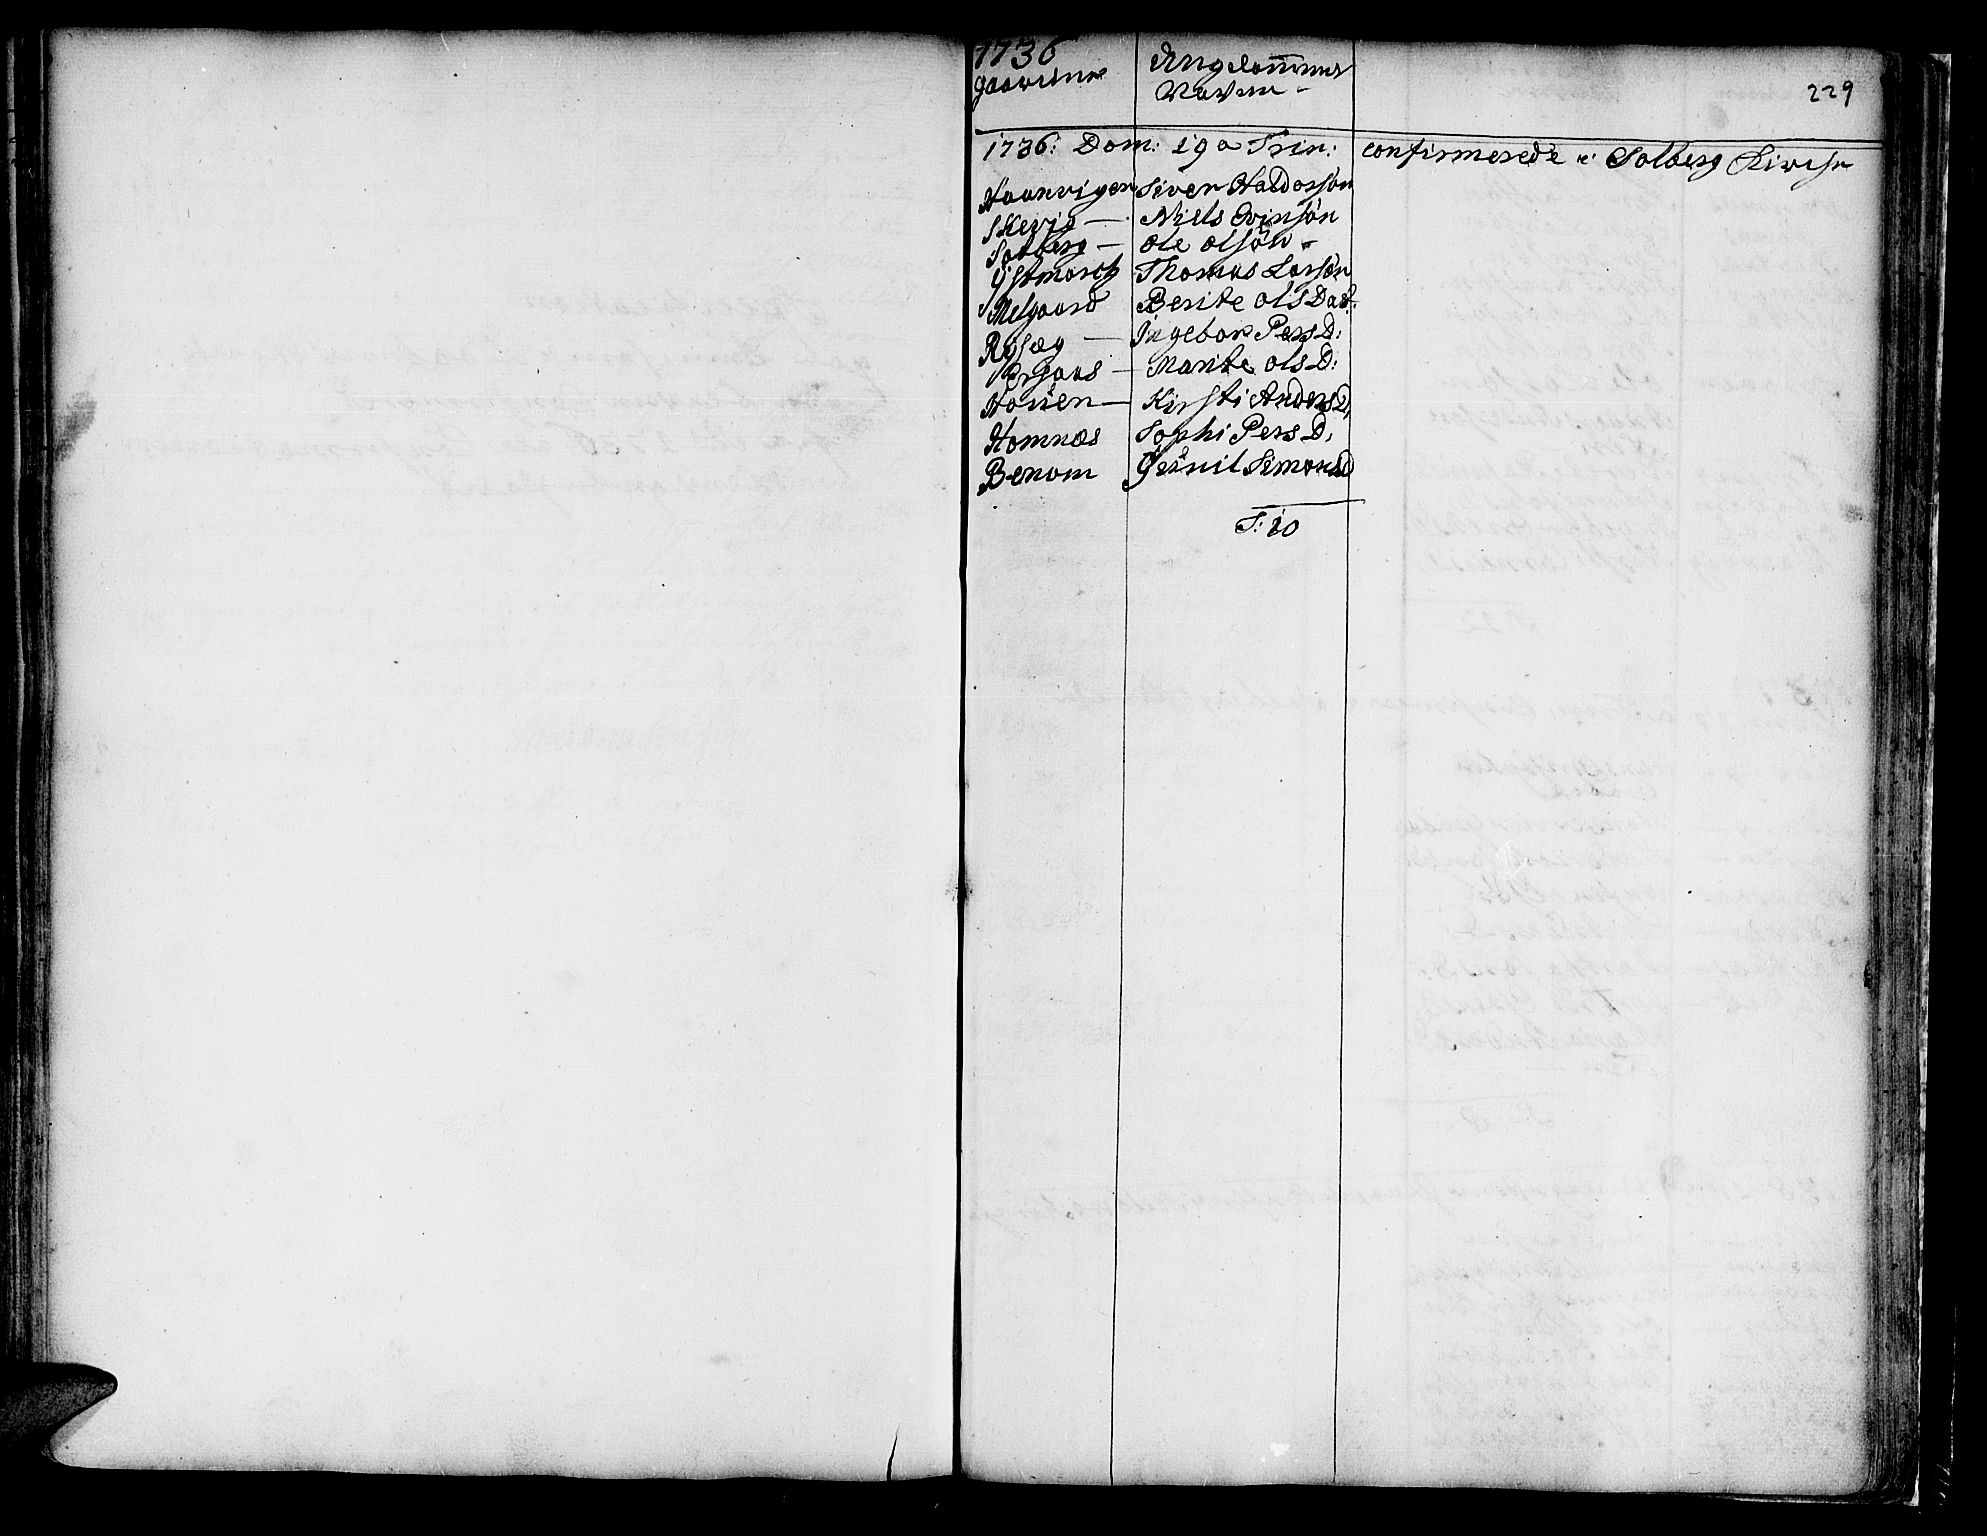 SAT, Ministerialprotokoller, klokkerbøker og fødselsregistre - Nord-Trøndelag, 741/L0385: Ministerialbok nr. 741A01, 1722-1815, s. 229